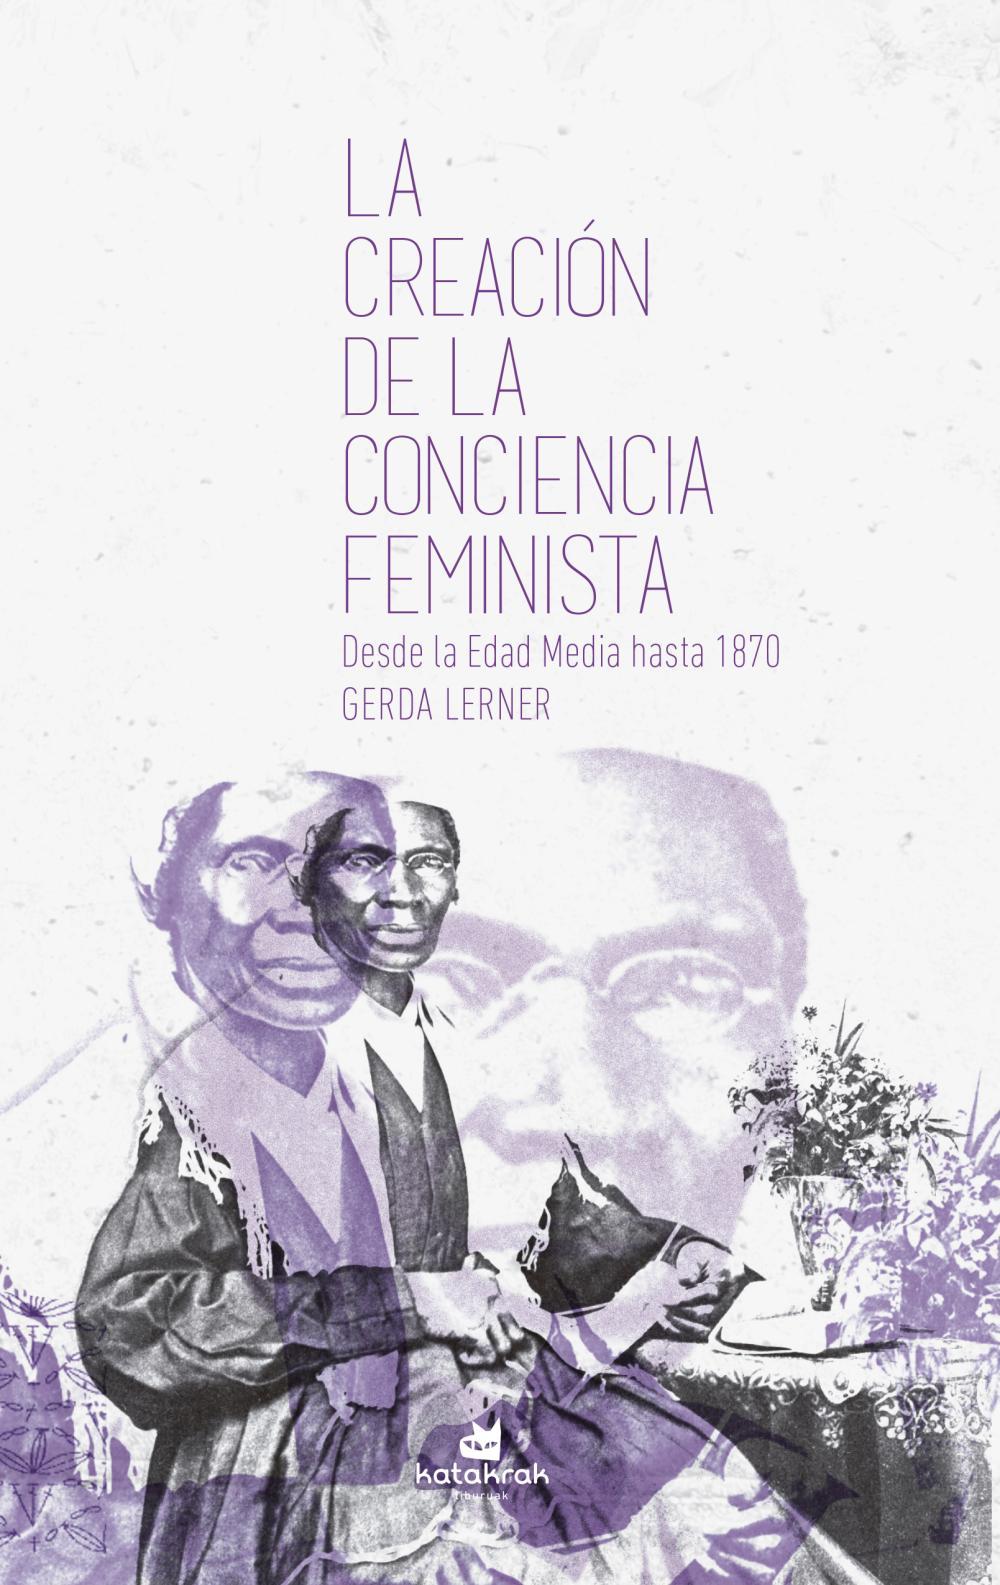 La creación de la conciencia feminista